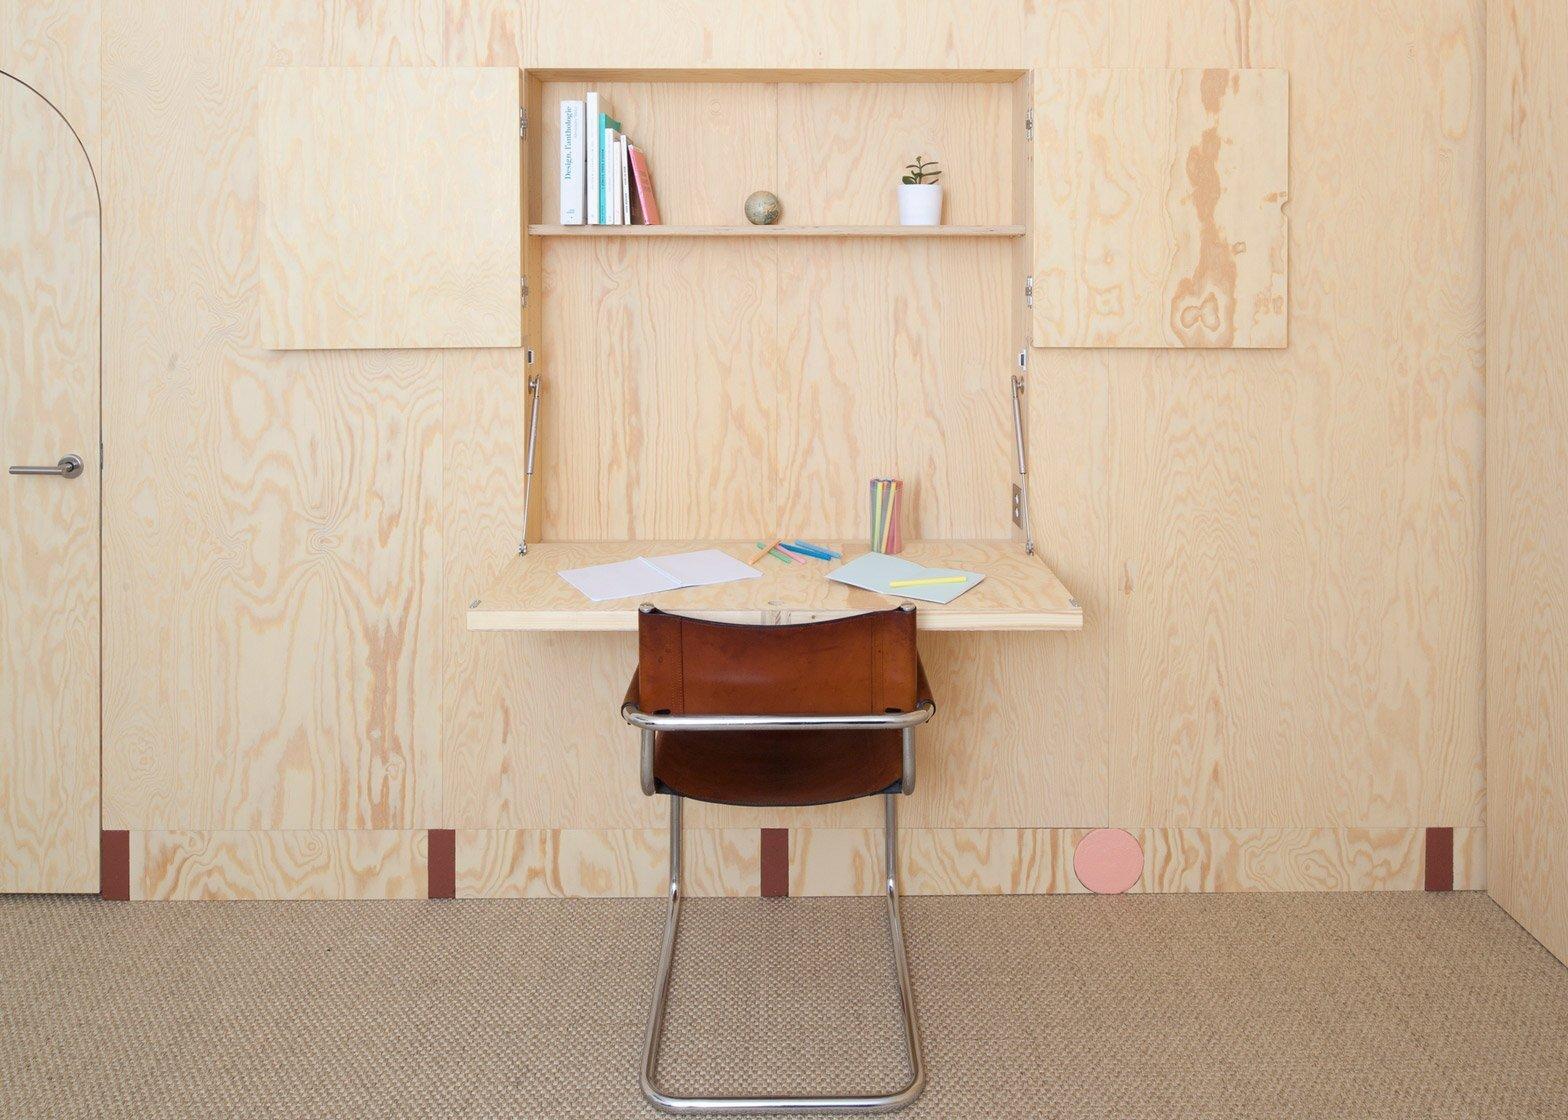 Inhabited Wooden Walls - Aurelie Monet Kasisi - Geneva - Storage Desk - Humble Homes